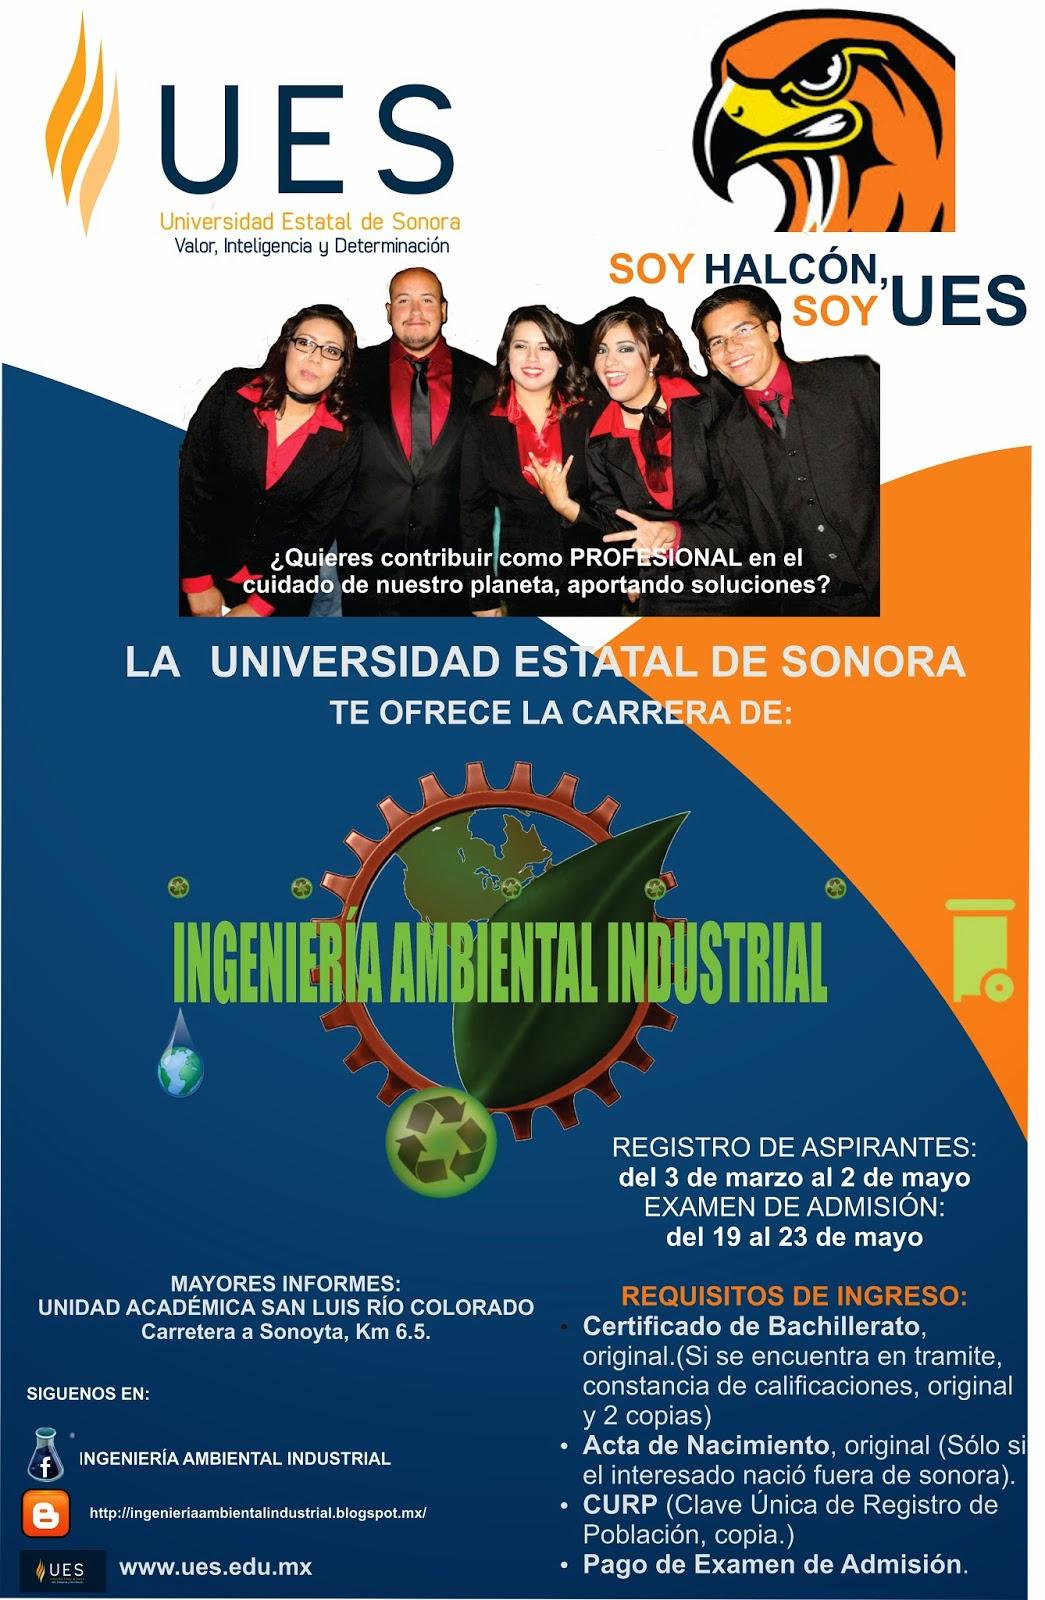 INGENIERIA AMBIENTAL INDUSTRIAL: REGISTRO DE ASPIRANTES 2014 A LA UES